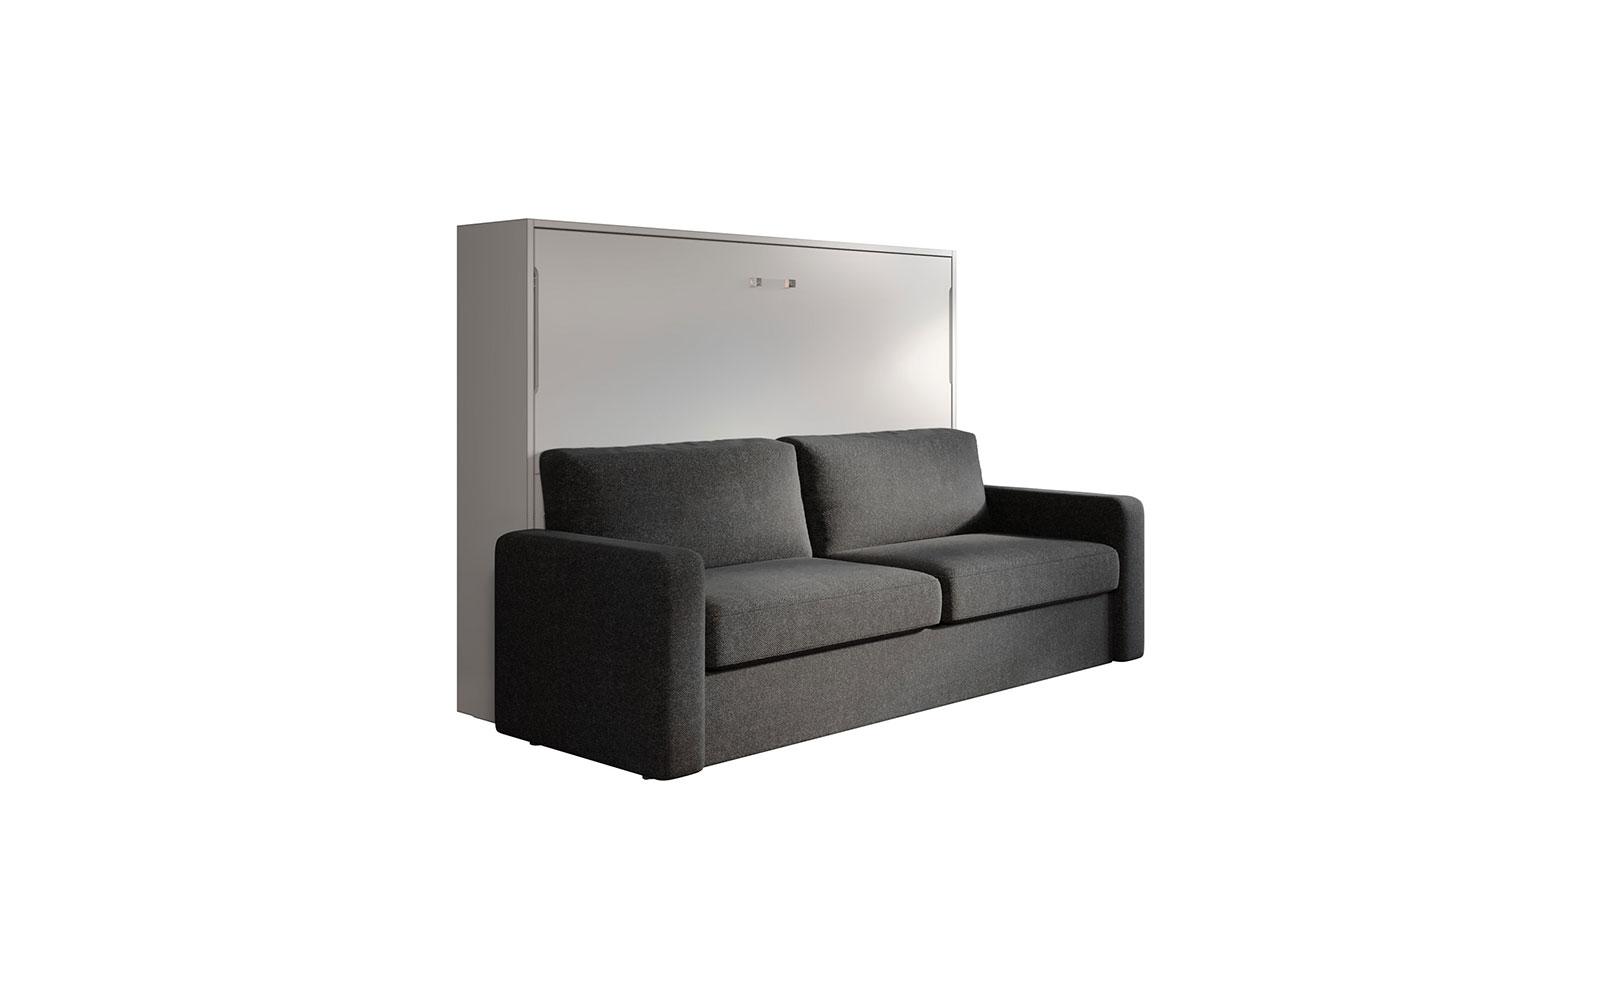 Soffio Sofa 140 - Letto a scomparsa 2 piazze orizzontale con divano Big